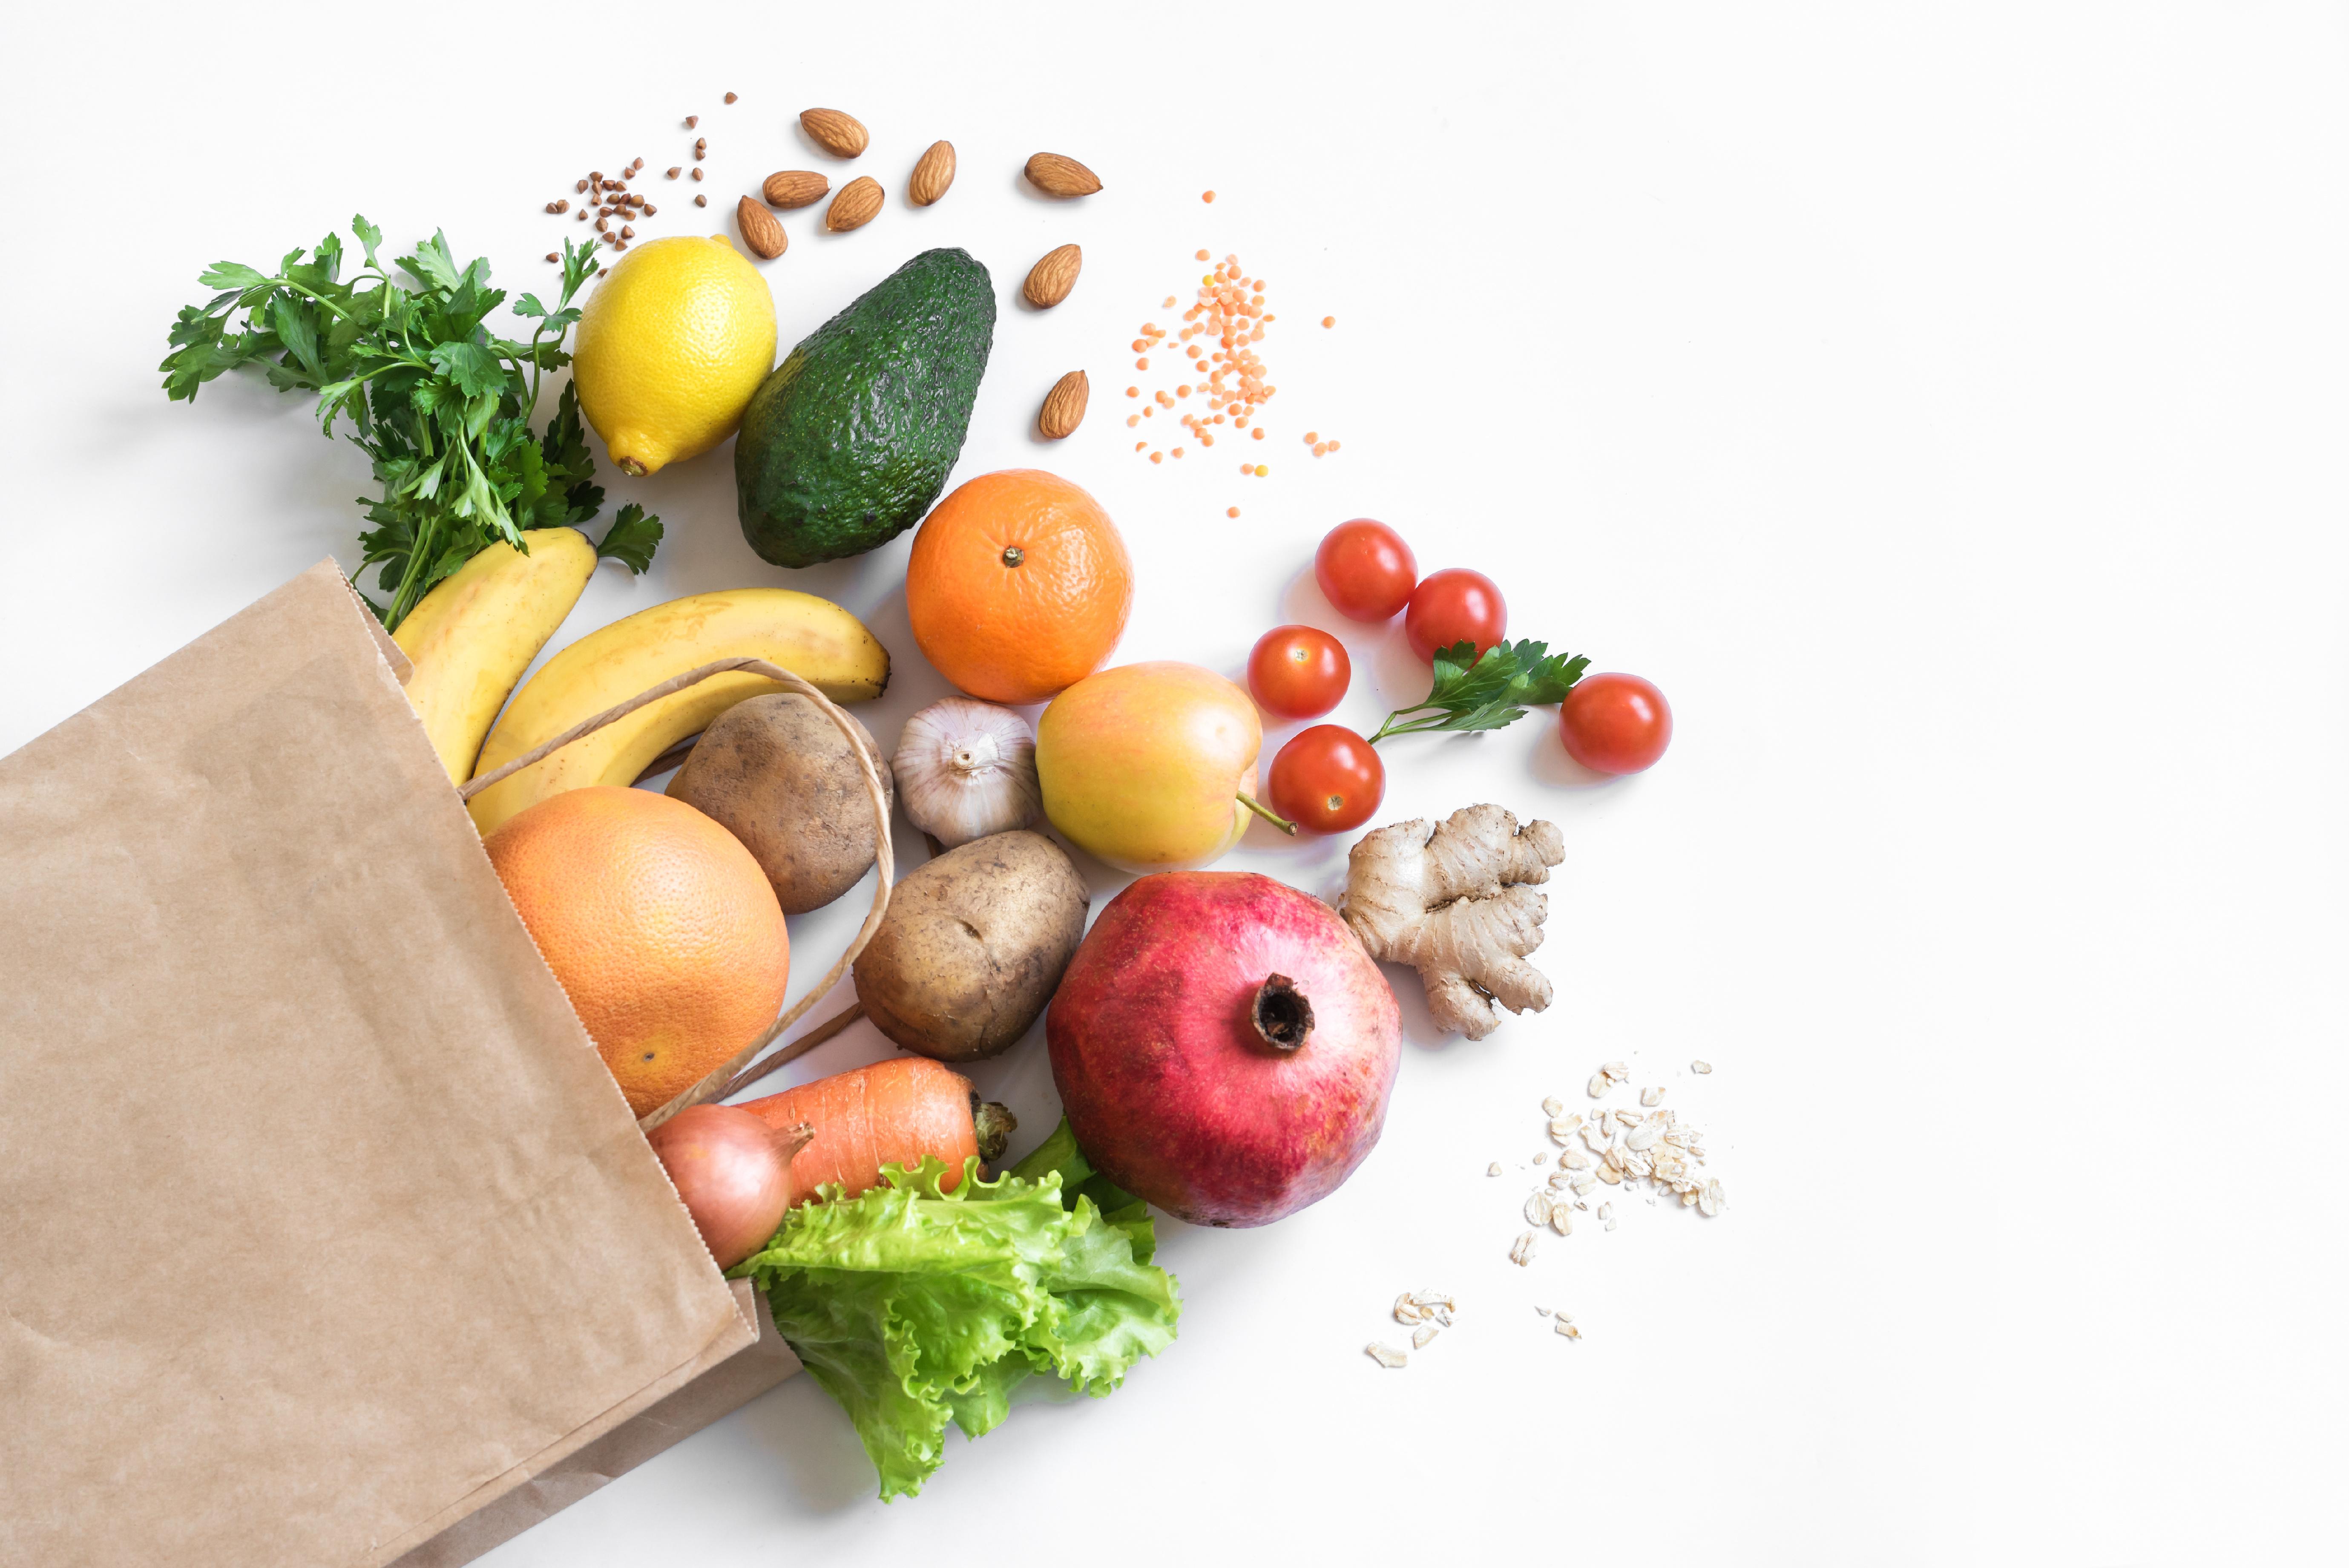 Un avocat par jour améliore la santé intestinale et peut même contribuer à la perte de poids (visuel Adobe Stock 315284656)